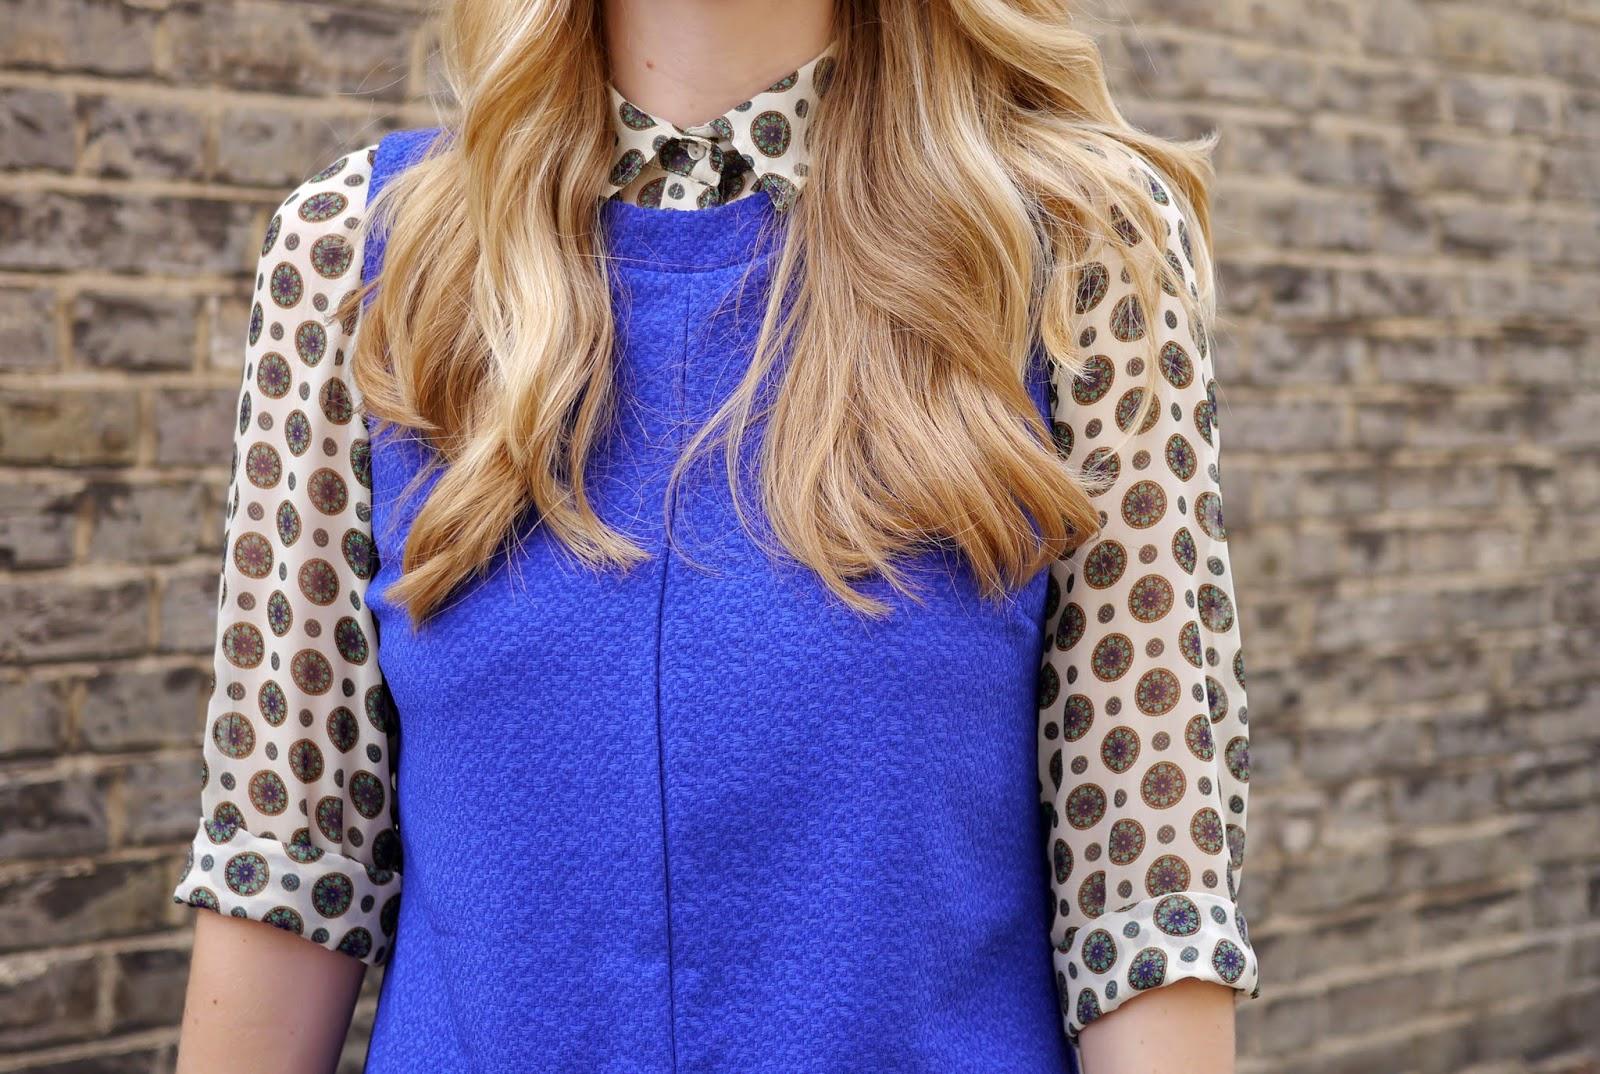 New Look Blue High Neck 60s Shift Dress, Zara Patterned Shirt